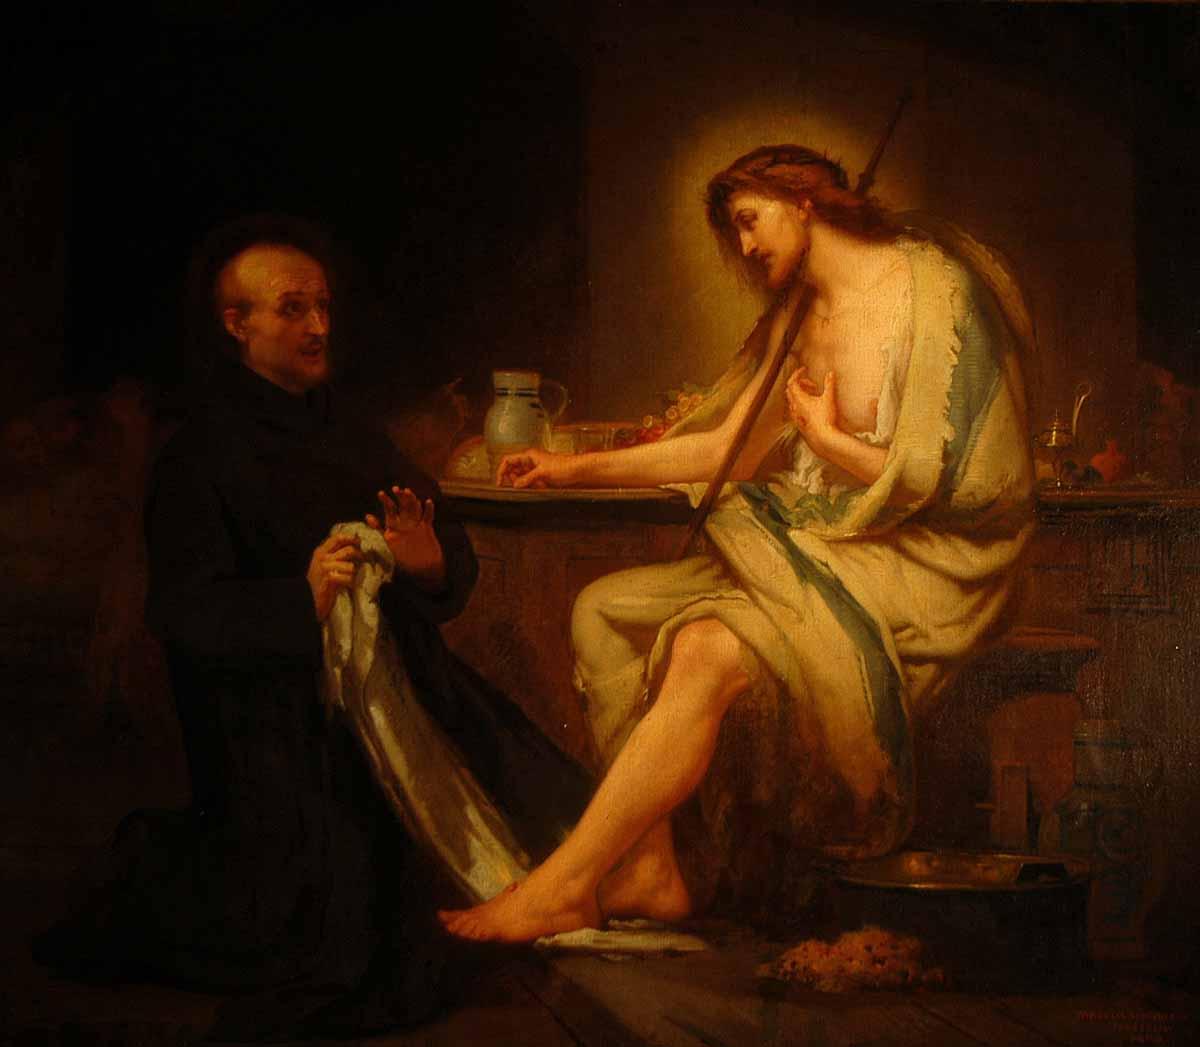 tableau de Saint Jean de Dieu où Jésus lui apparaît sous l'apparence d'un mendiant